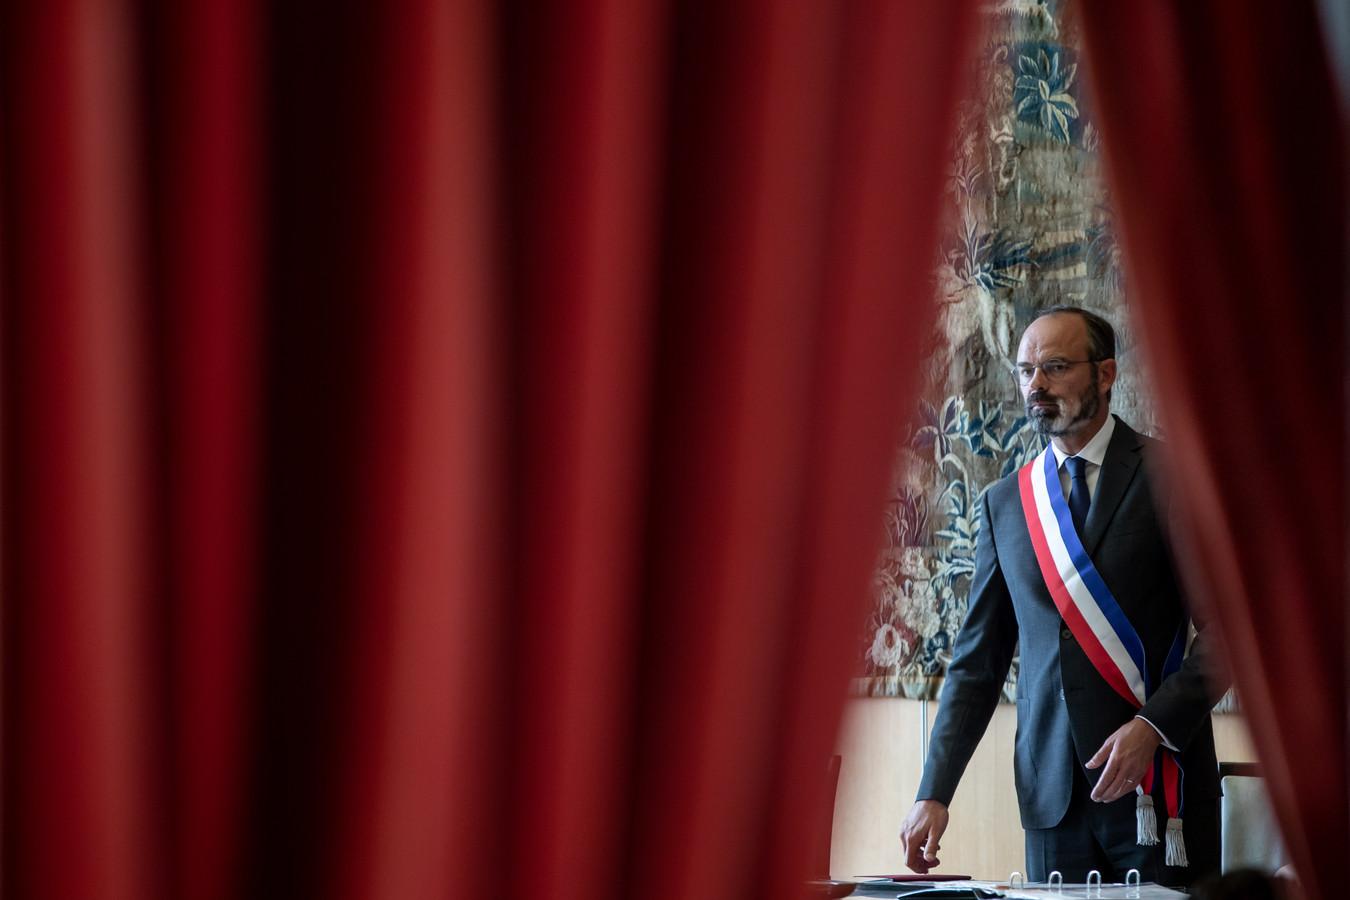 De Franse premier Edouard Philippe won zondag de gemeenteraadsverkiezingen in zijn stad Le Havre en kiest mogelijk voor een fulltime job als burgemeester van de havenstad.